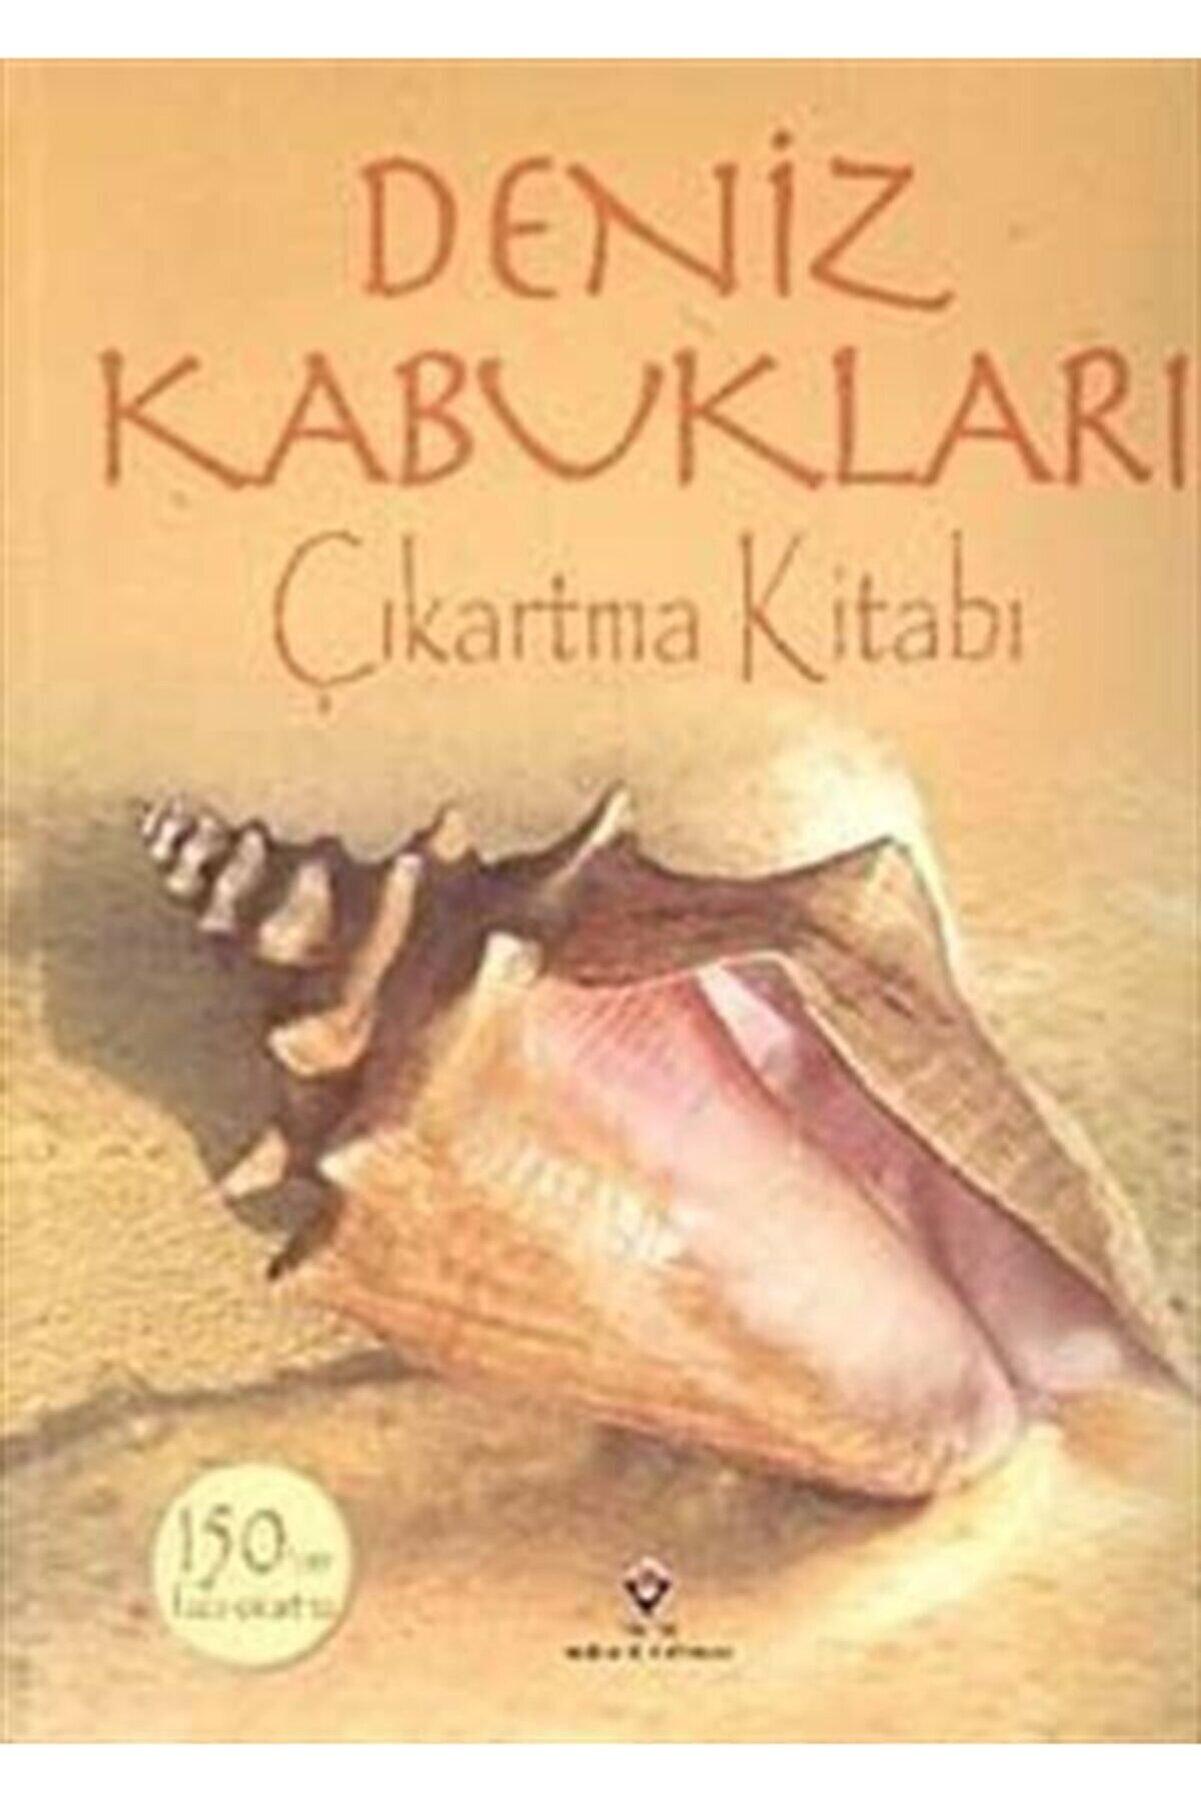 Tübitak Yayınları Deniz Kabukları / Çıkartma Kitabı